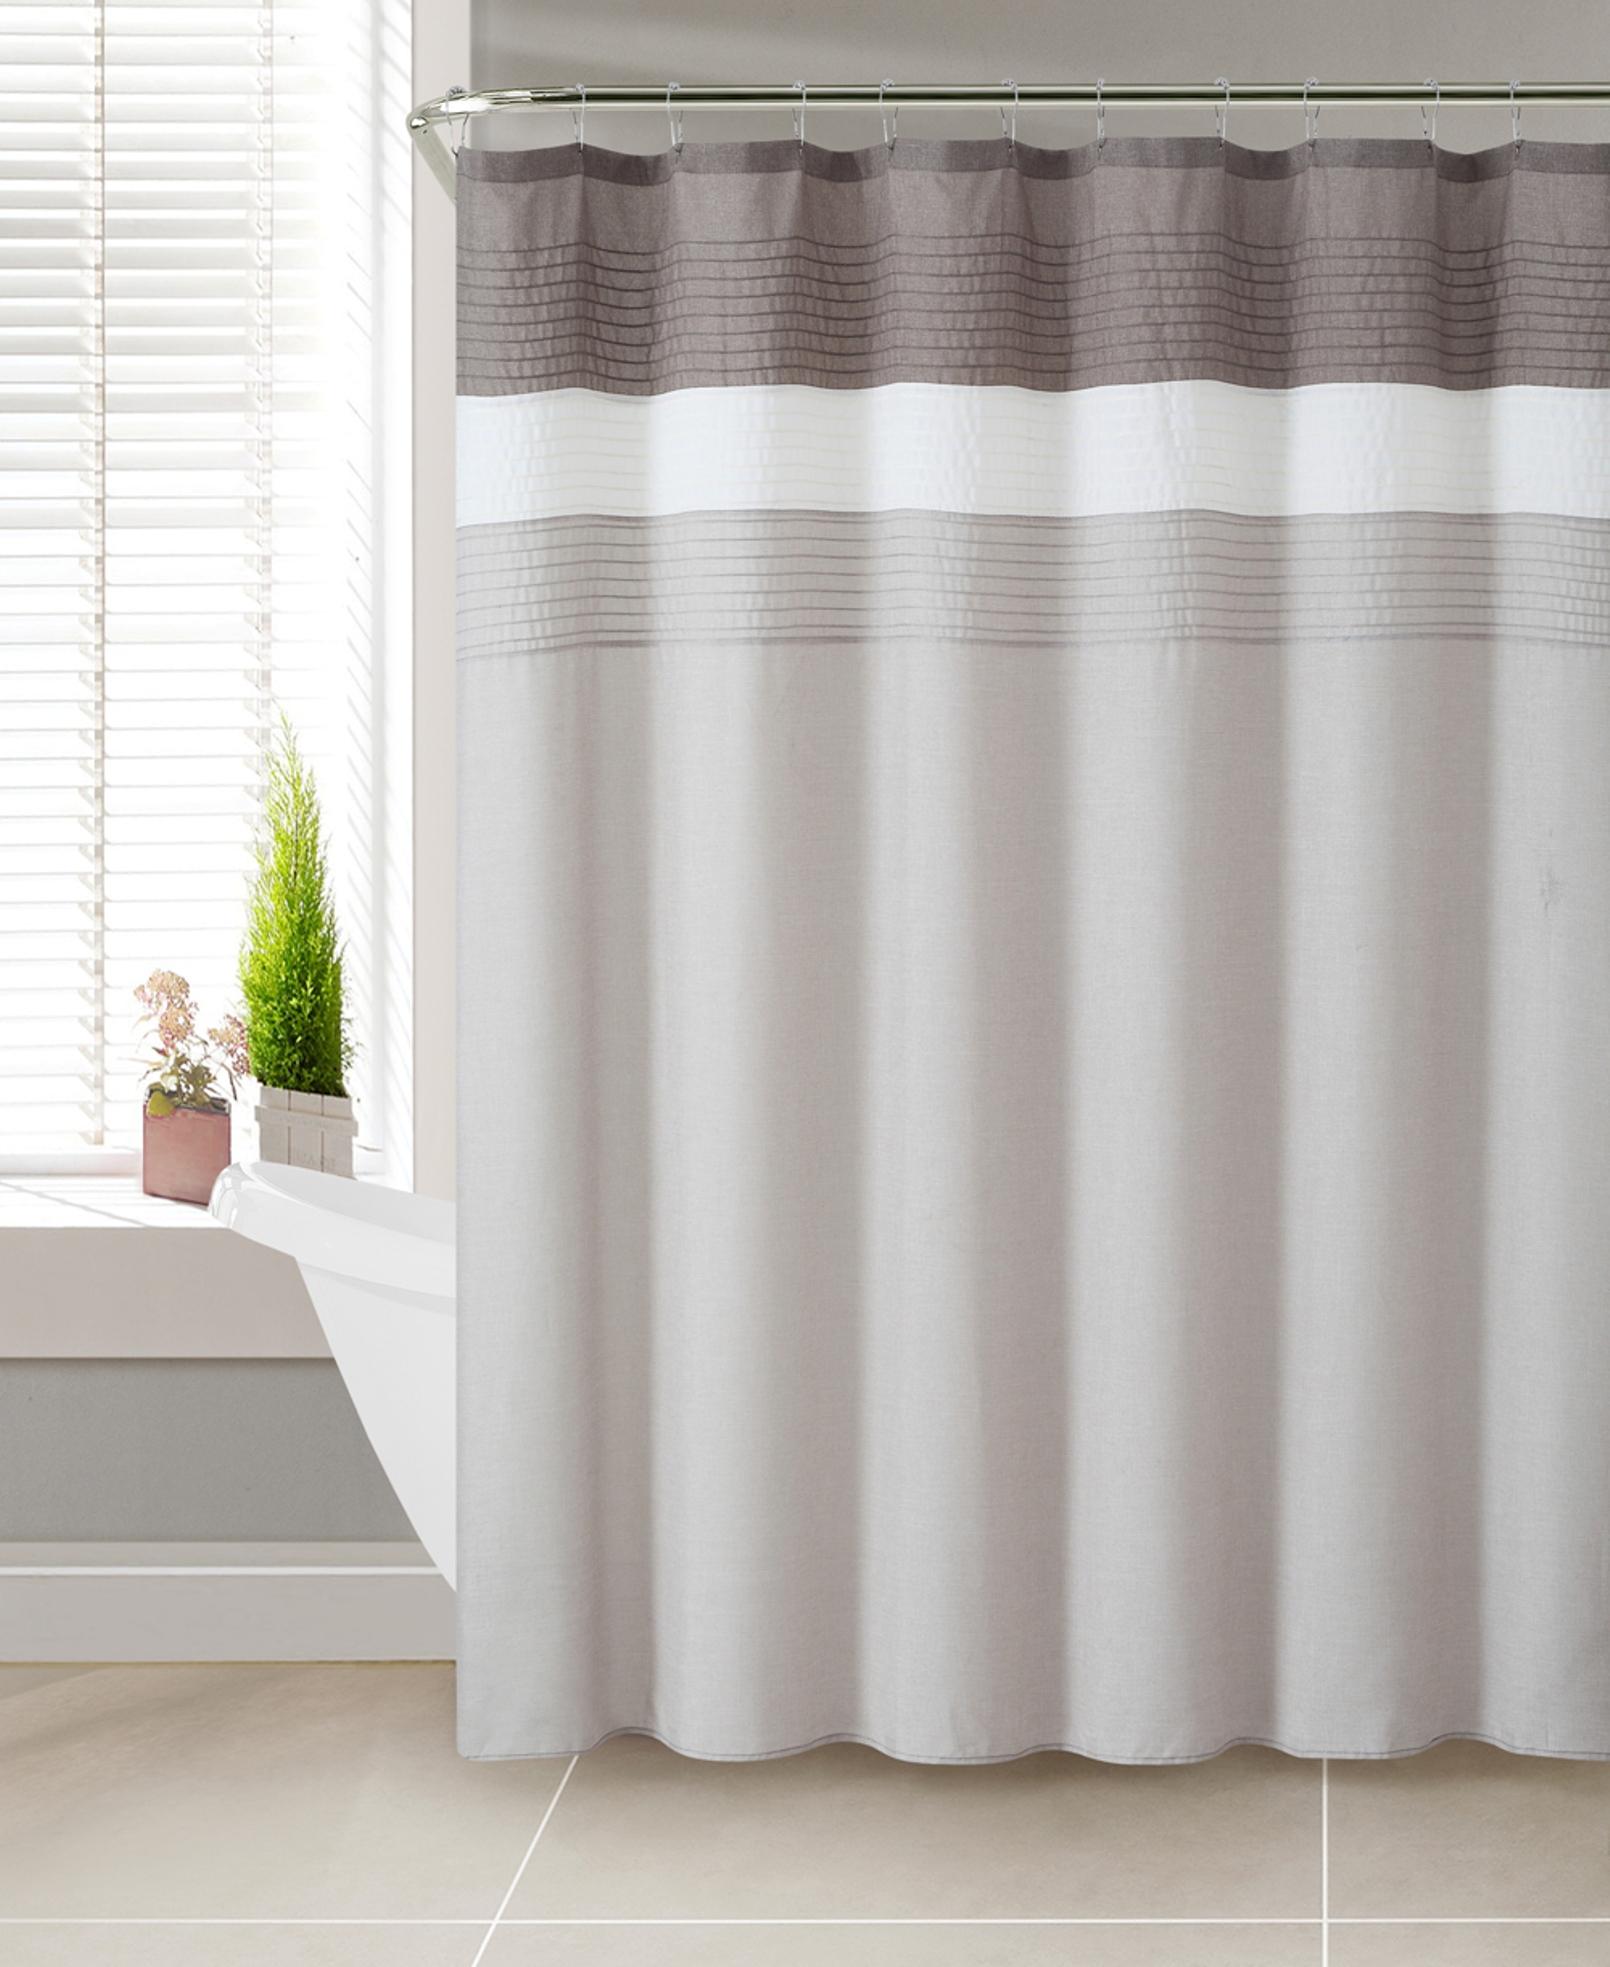 Machine Wash Polyester Shower Curtain  Kmartcom